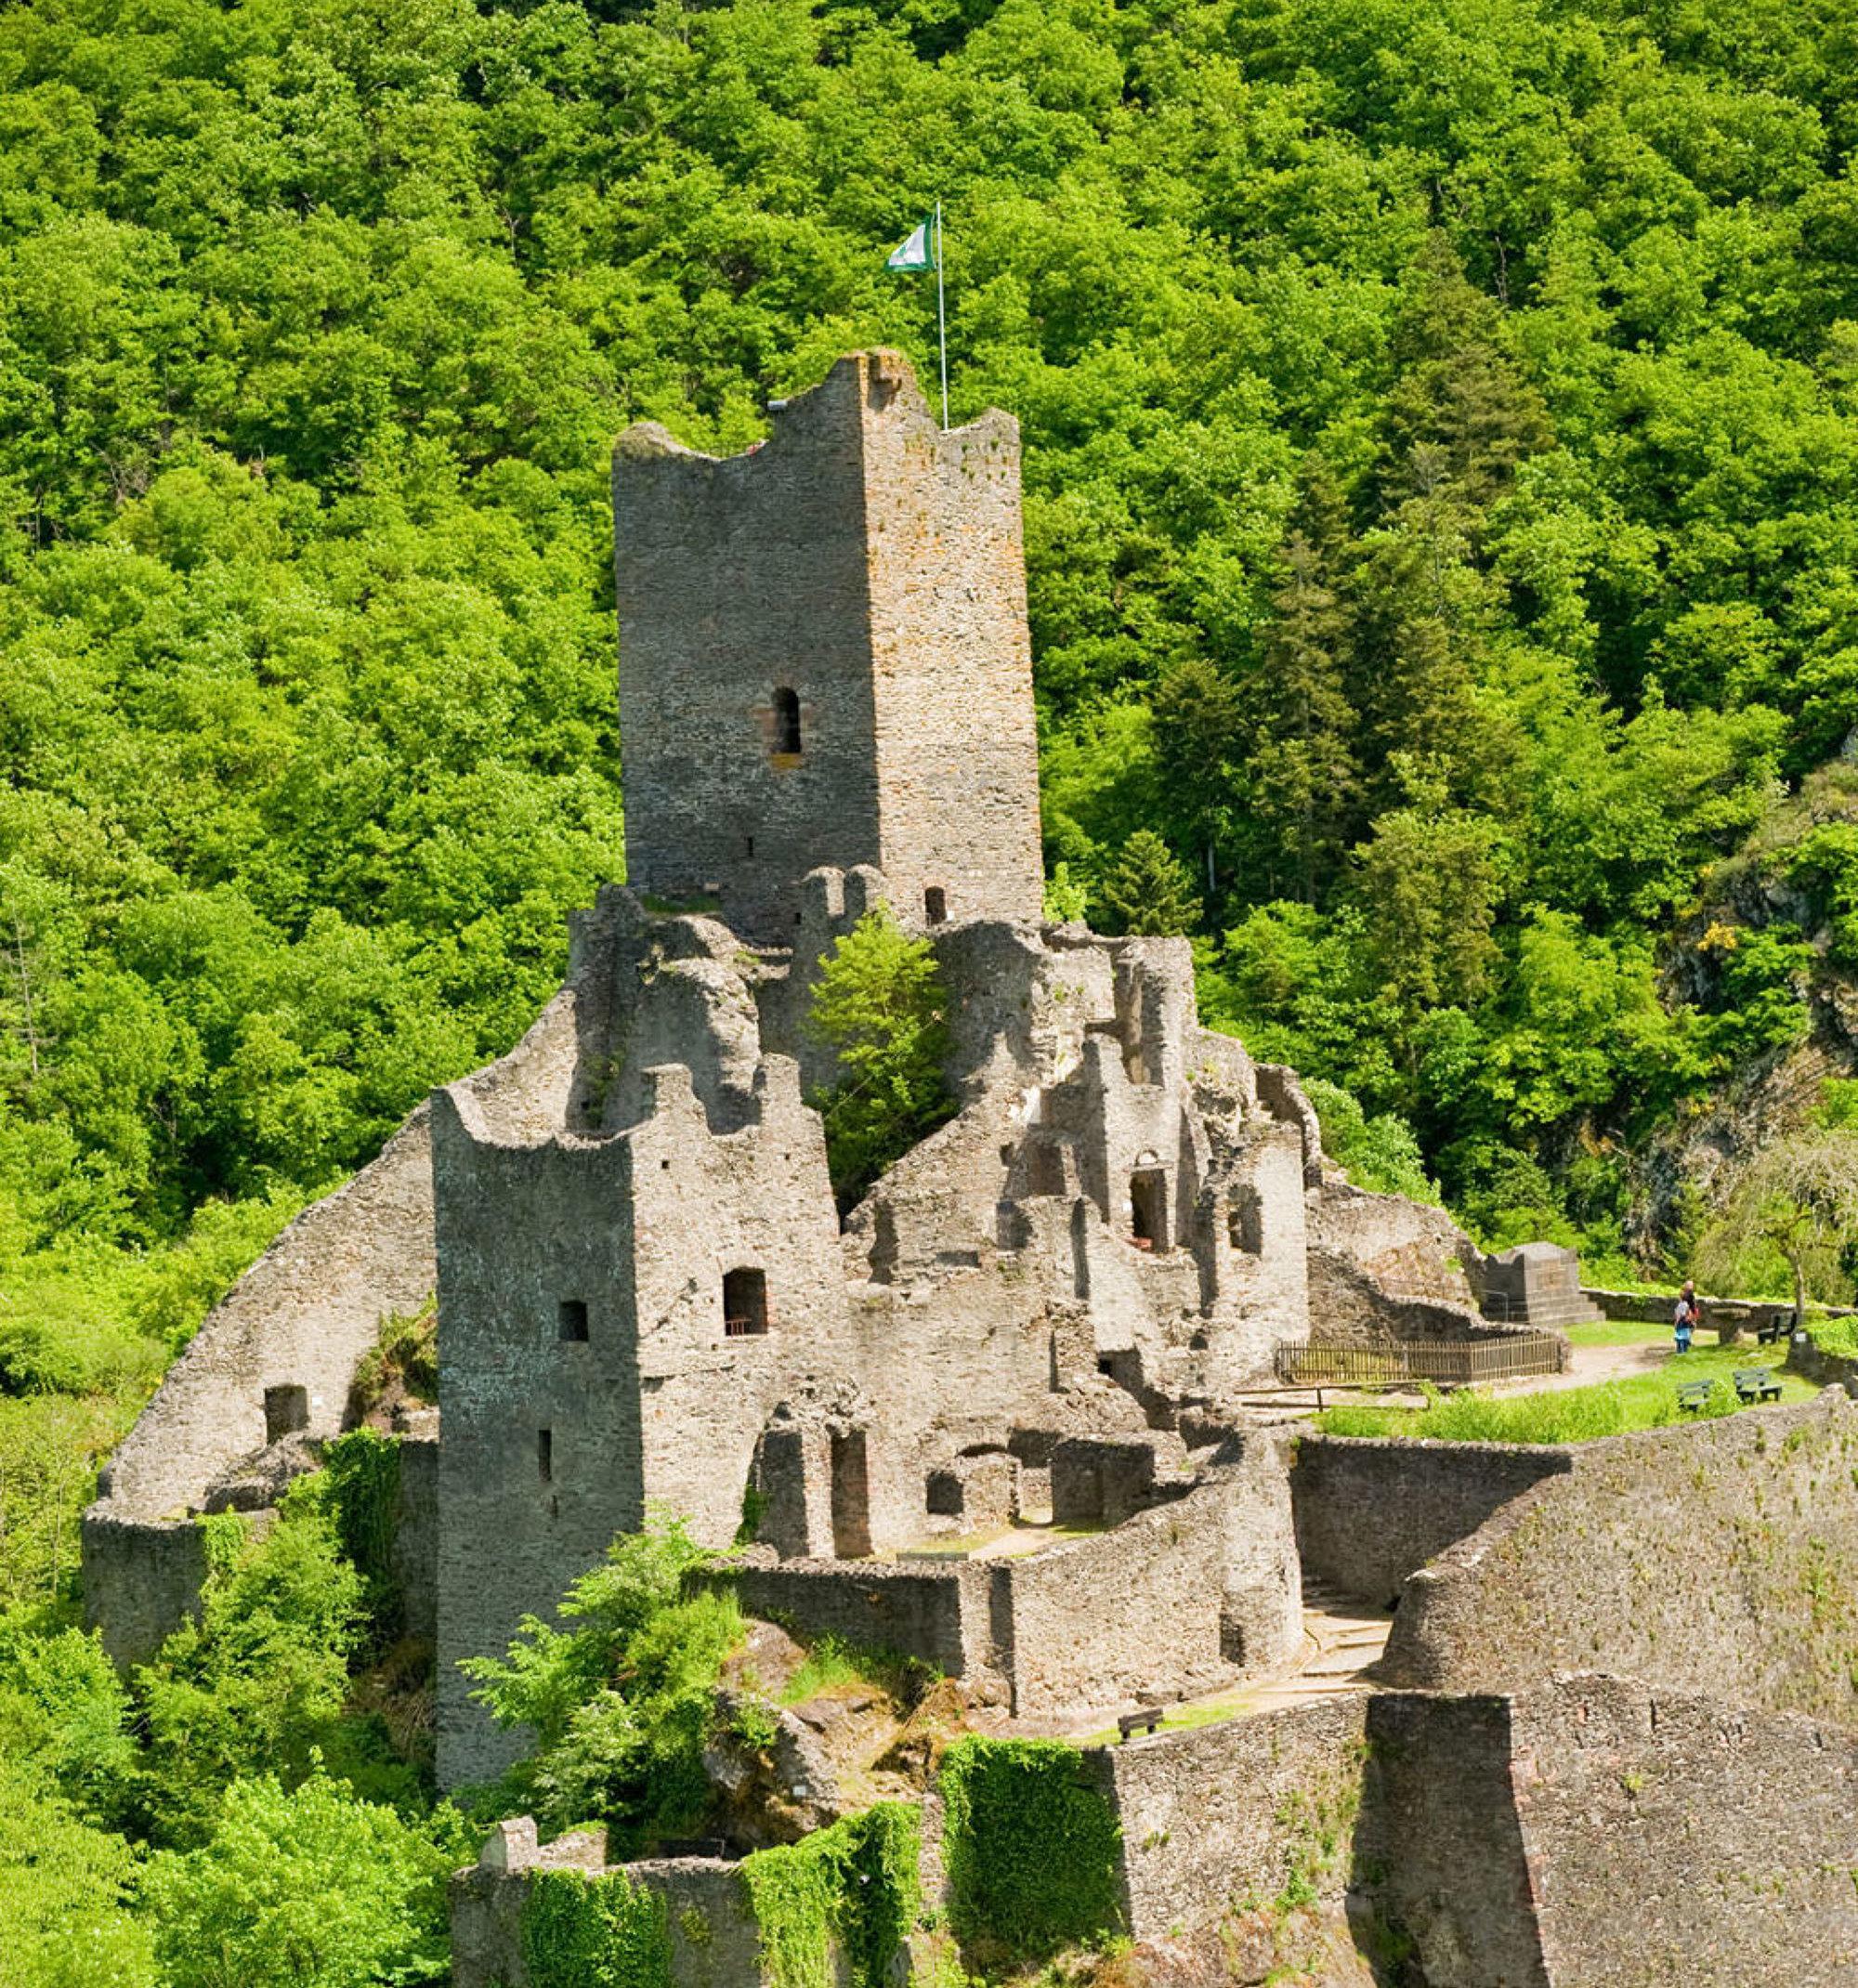 Die Manderscheider Burgen standen sich aufgrund der geringen Entfernung oft in Feindschaft gegenüber, Eifel